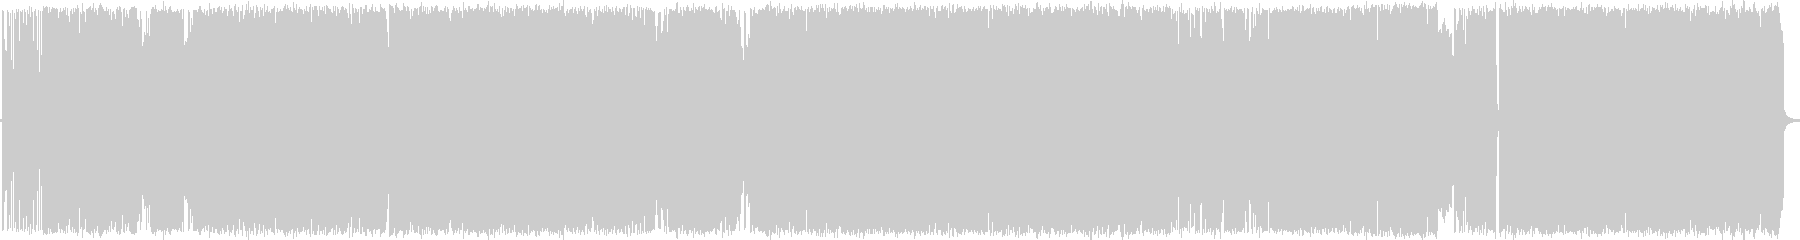 スポーツ番組ニュースロックインスト曲の未再生の波形